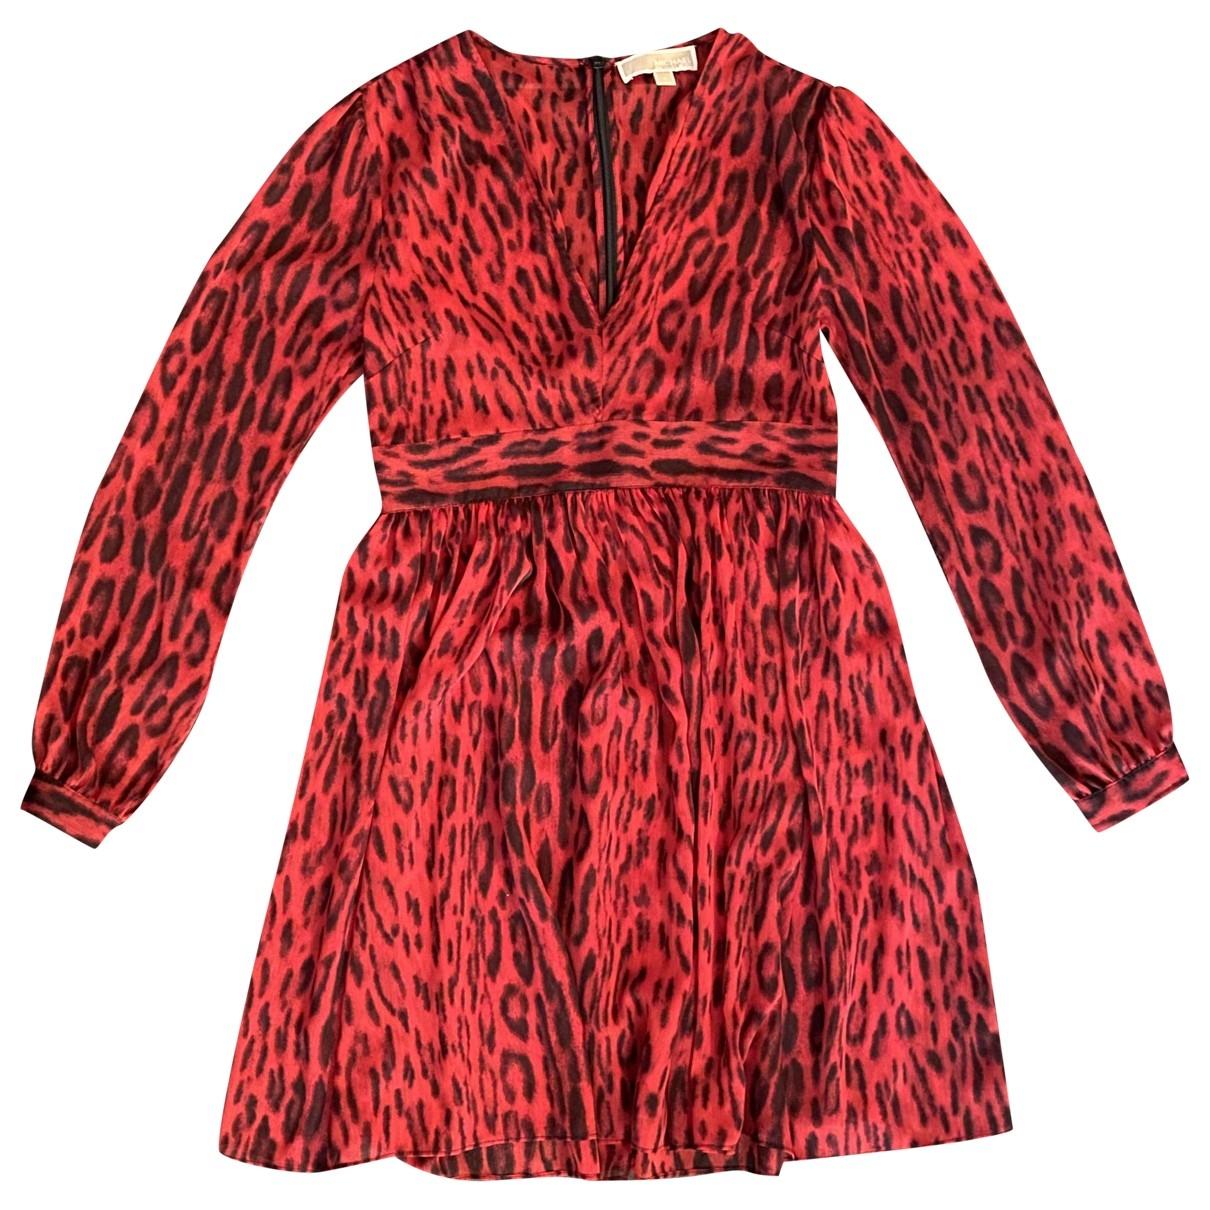 Michael Kors \N Red dress for Women S International